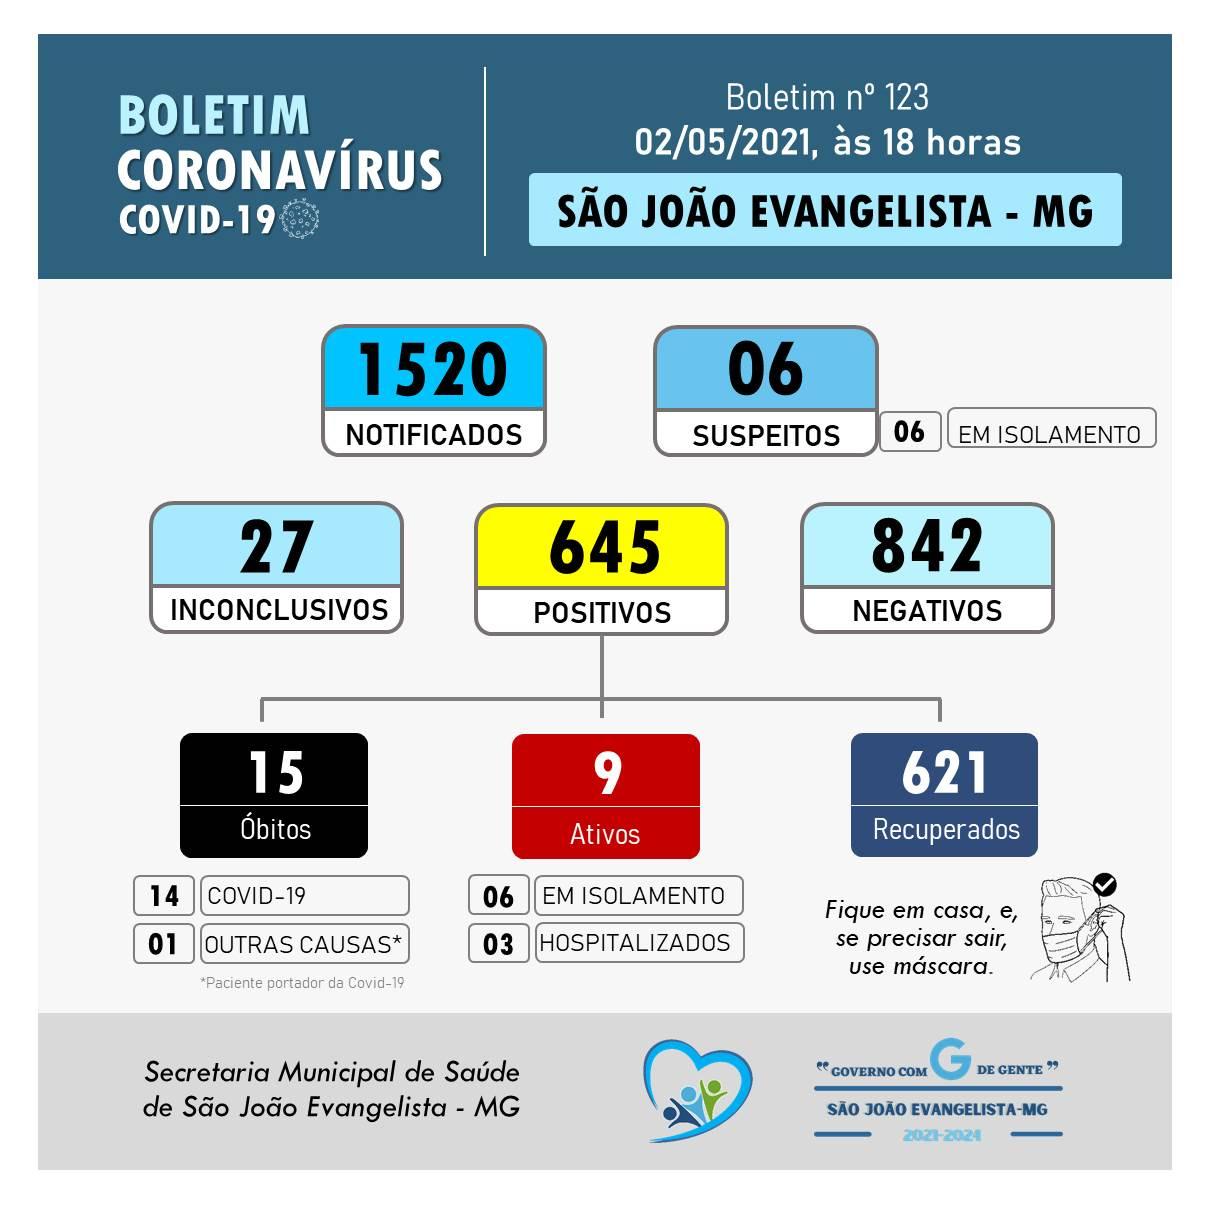 BOLETIM CORONAVÍRUS N° 123 DE 02/05/2021